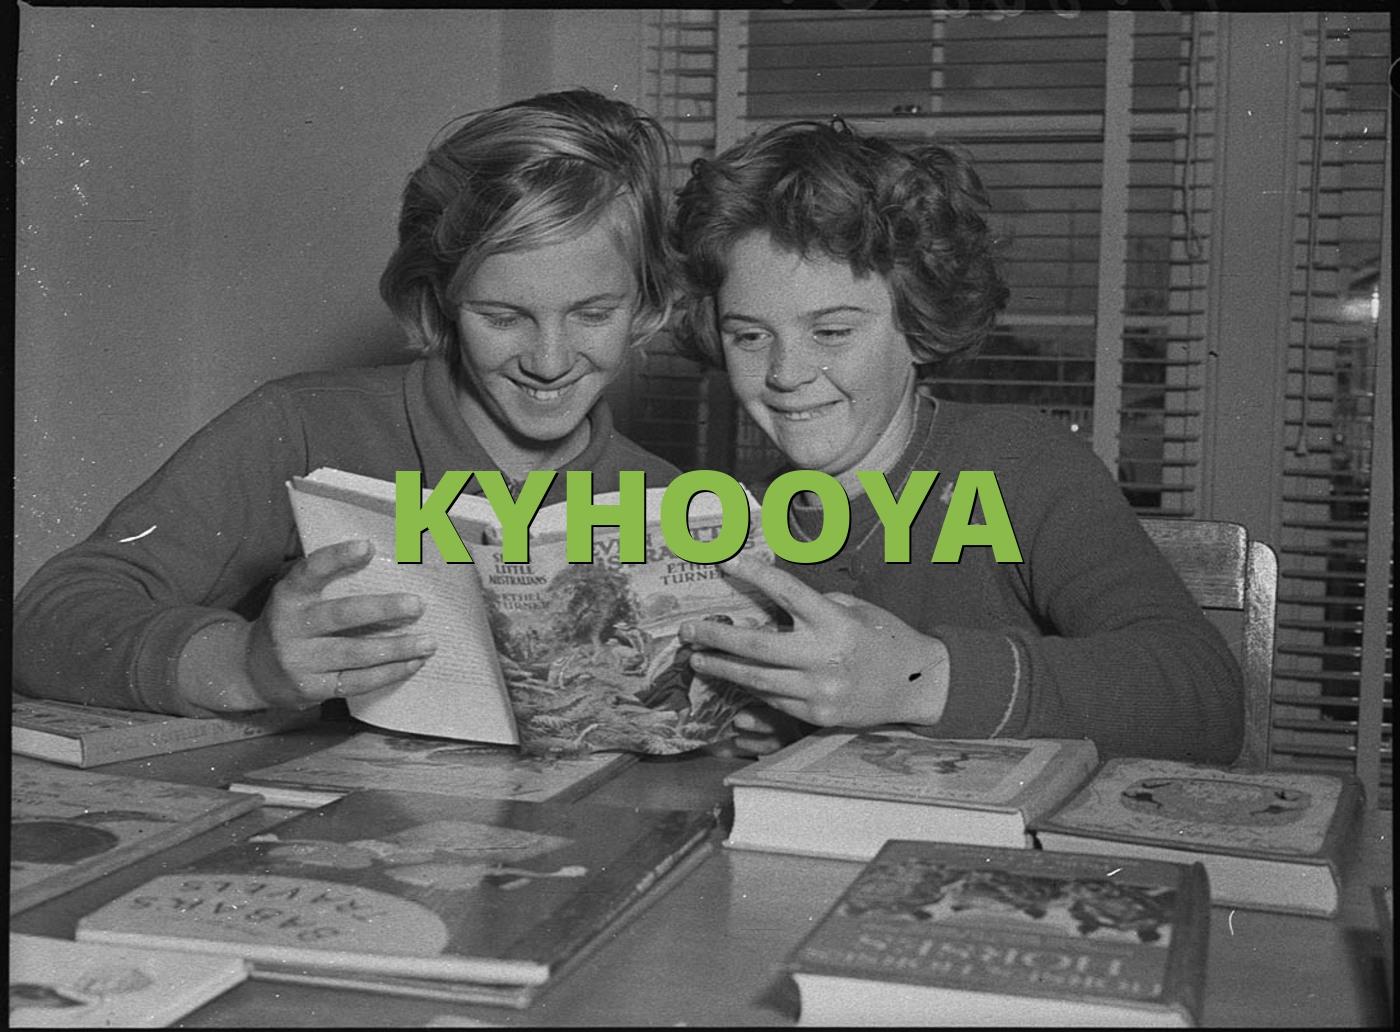 KYHOOYA